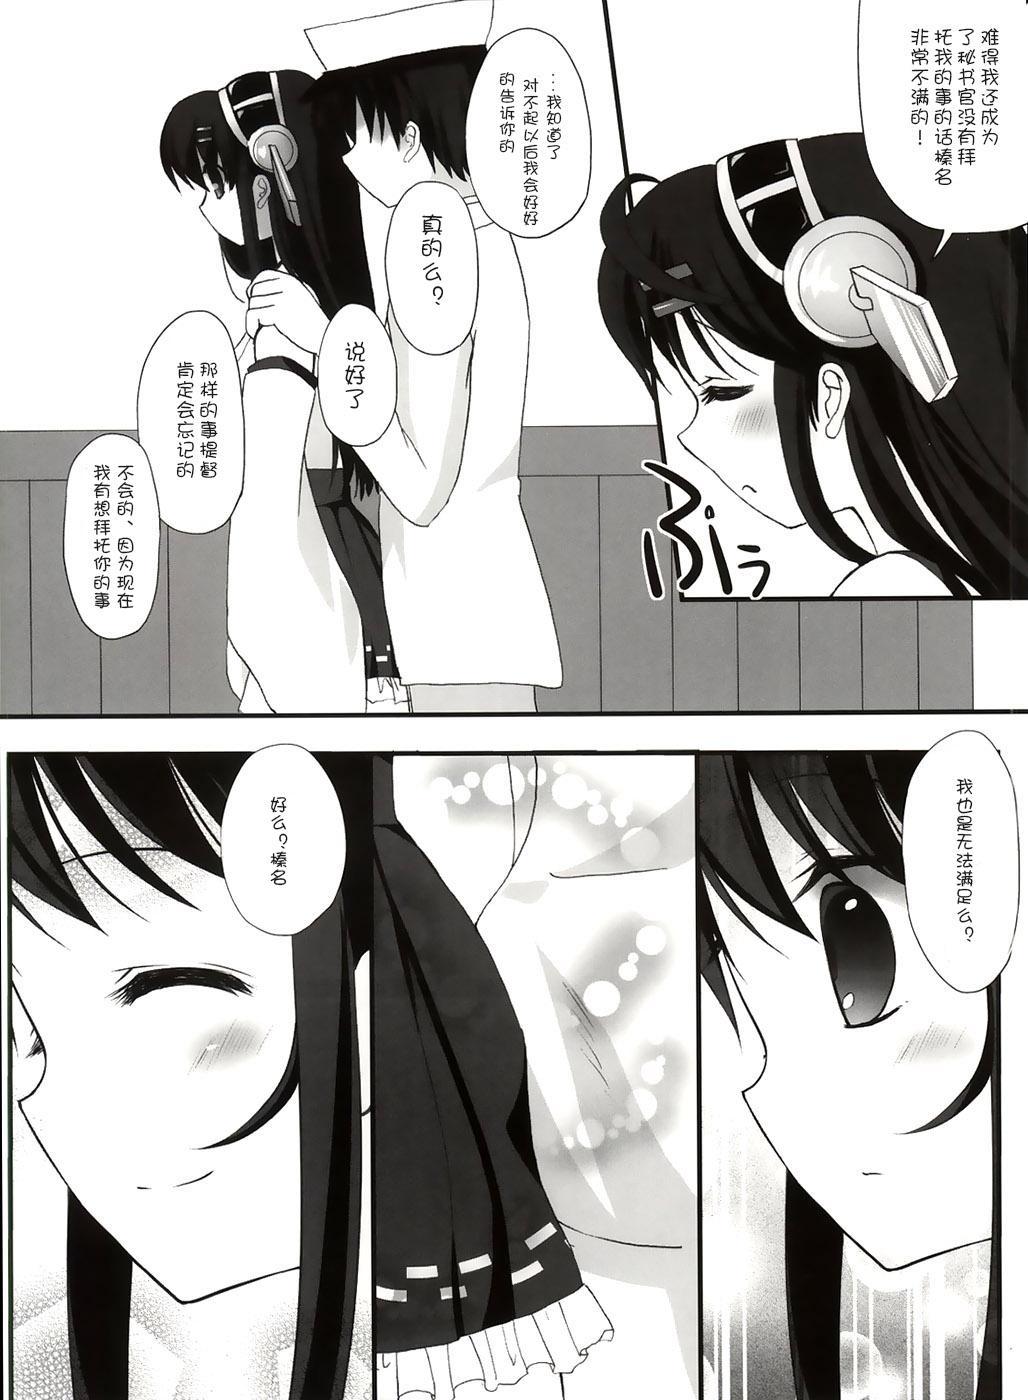 Haruna Healing 5